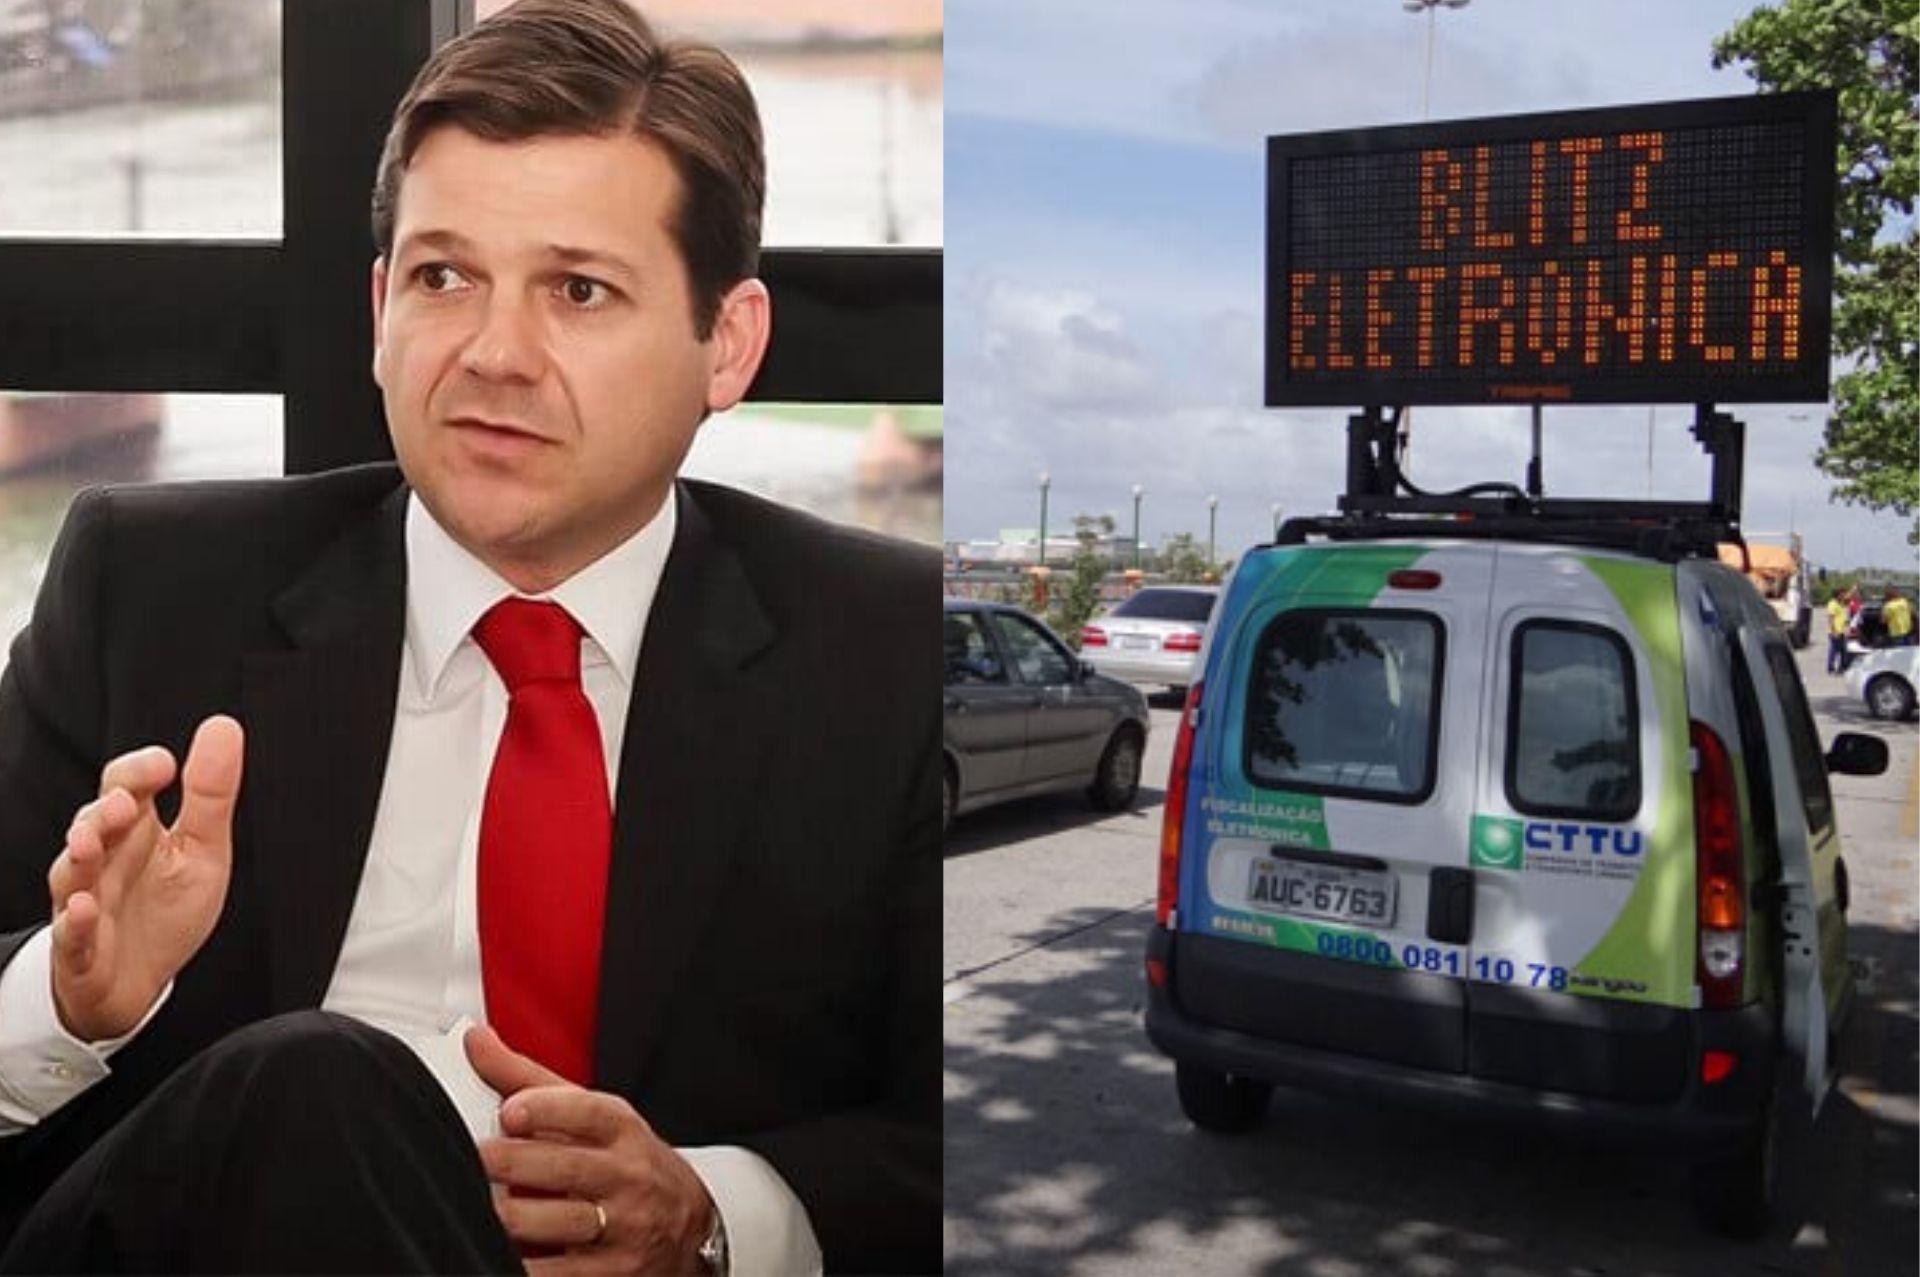 Prefeitura do Recife vai contratar empresa por R$ 2 milhões para auxílio na aplicação de multas de trânsito